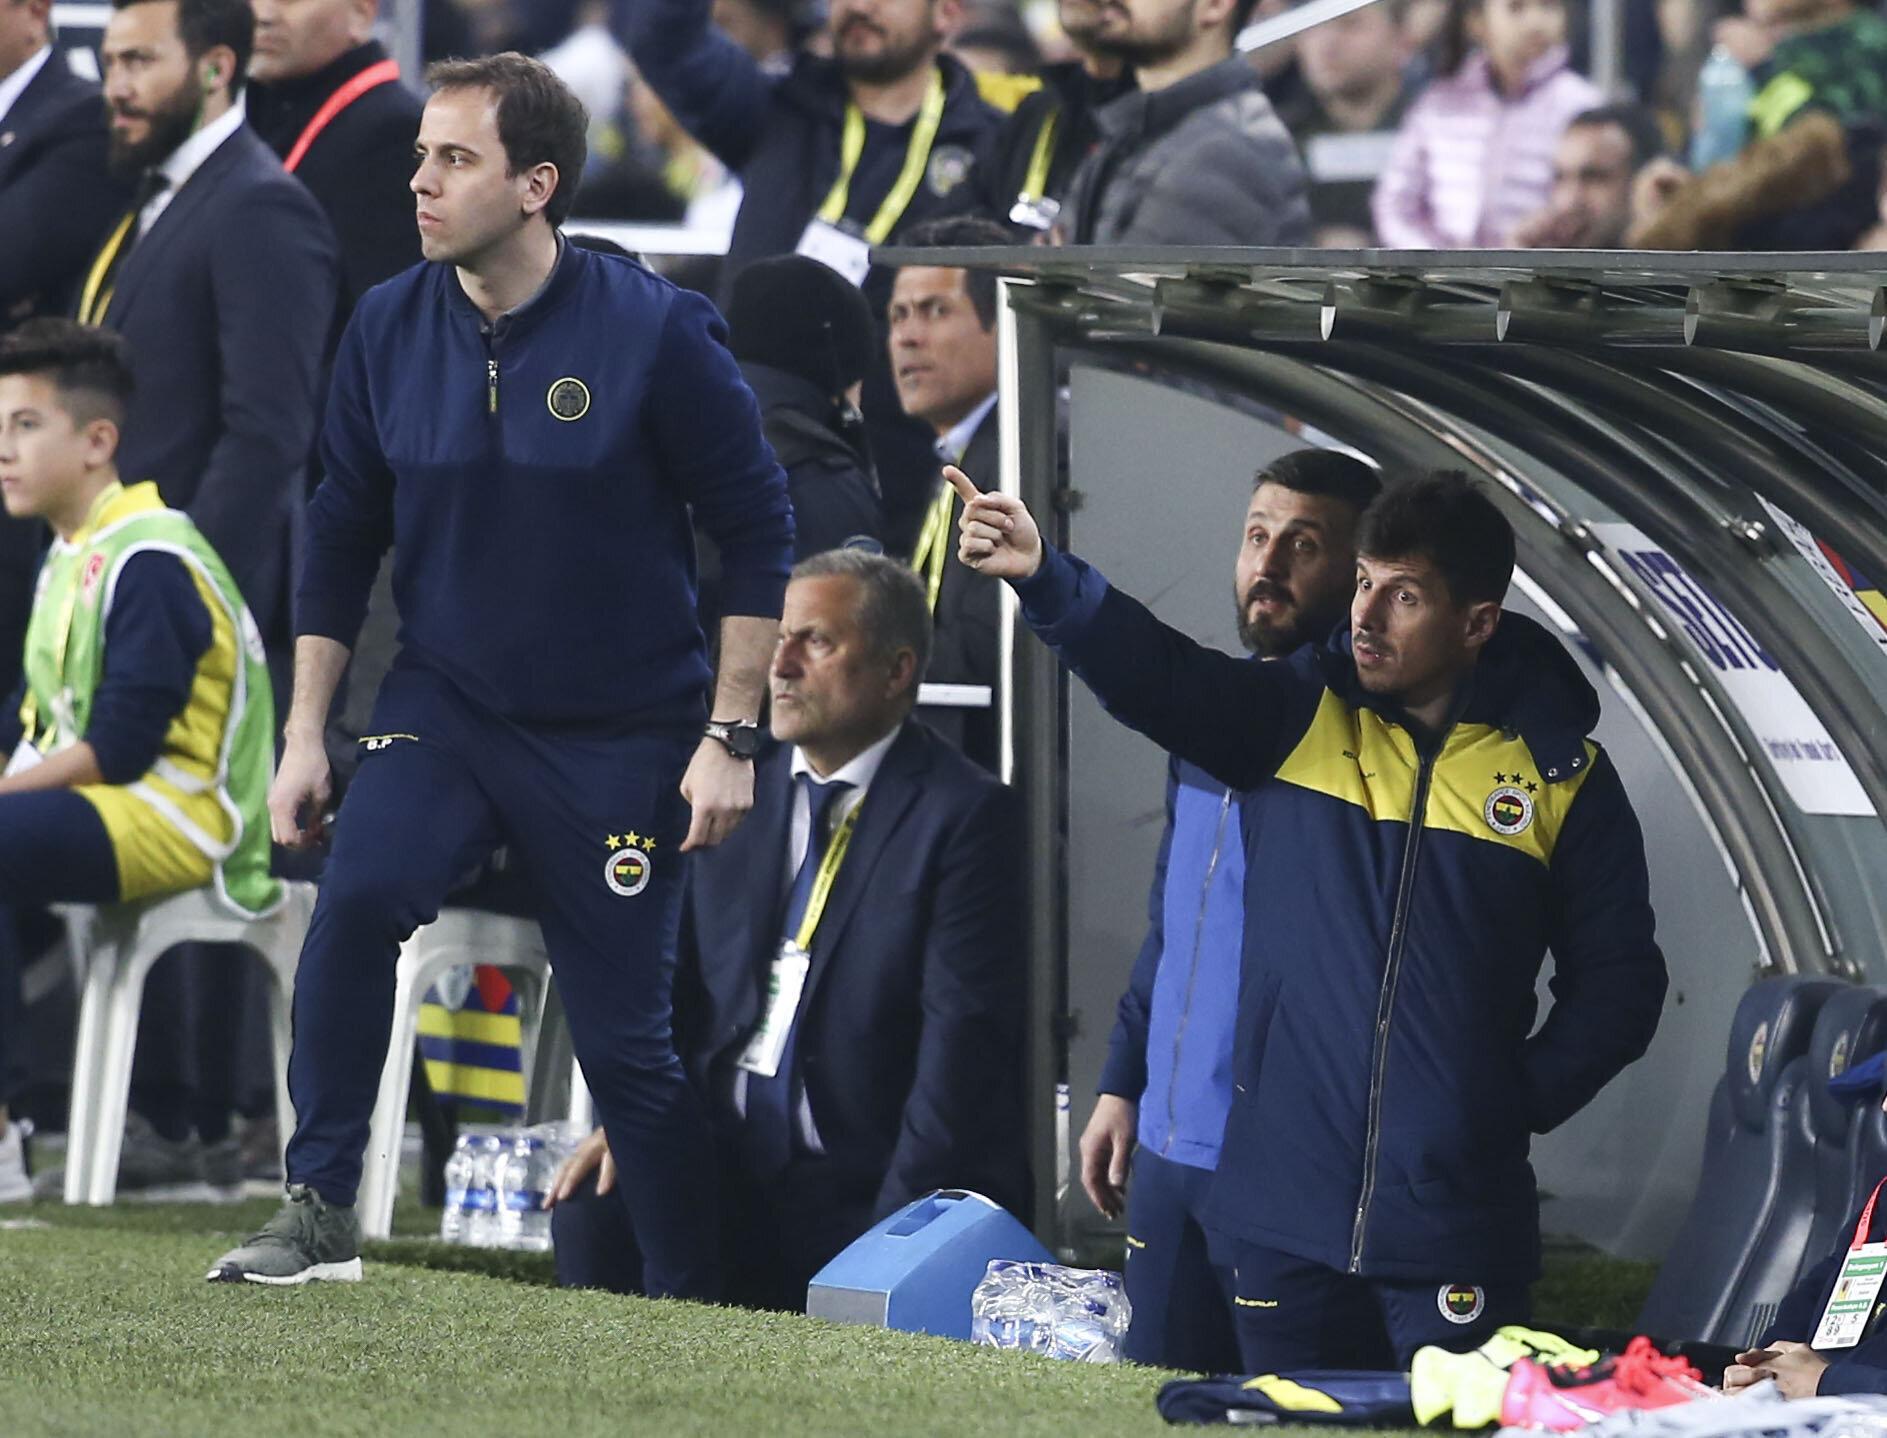 Emre Belözoğlu, Denizlispor maçında takım arkadaşlarına yeden kulübesinden uyarılarda bulundu.